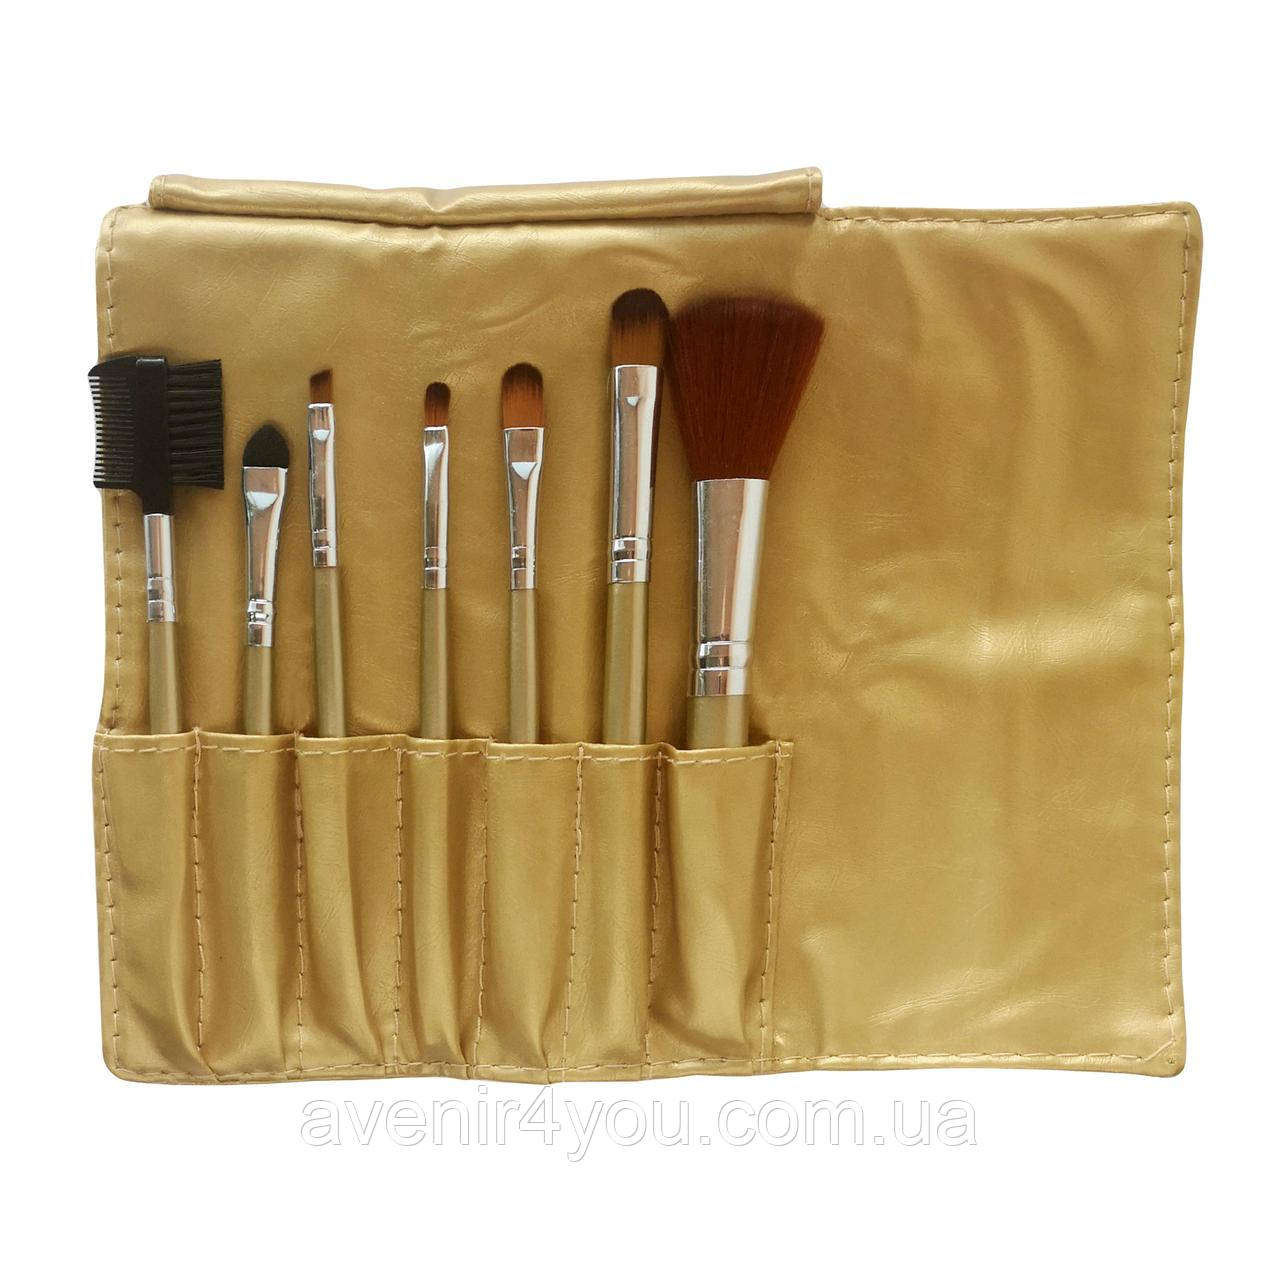 Набір кистей для макіяжу 7 шт в чохлі Золотий